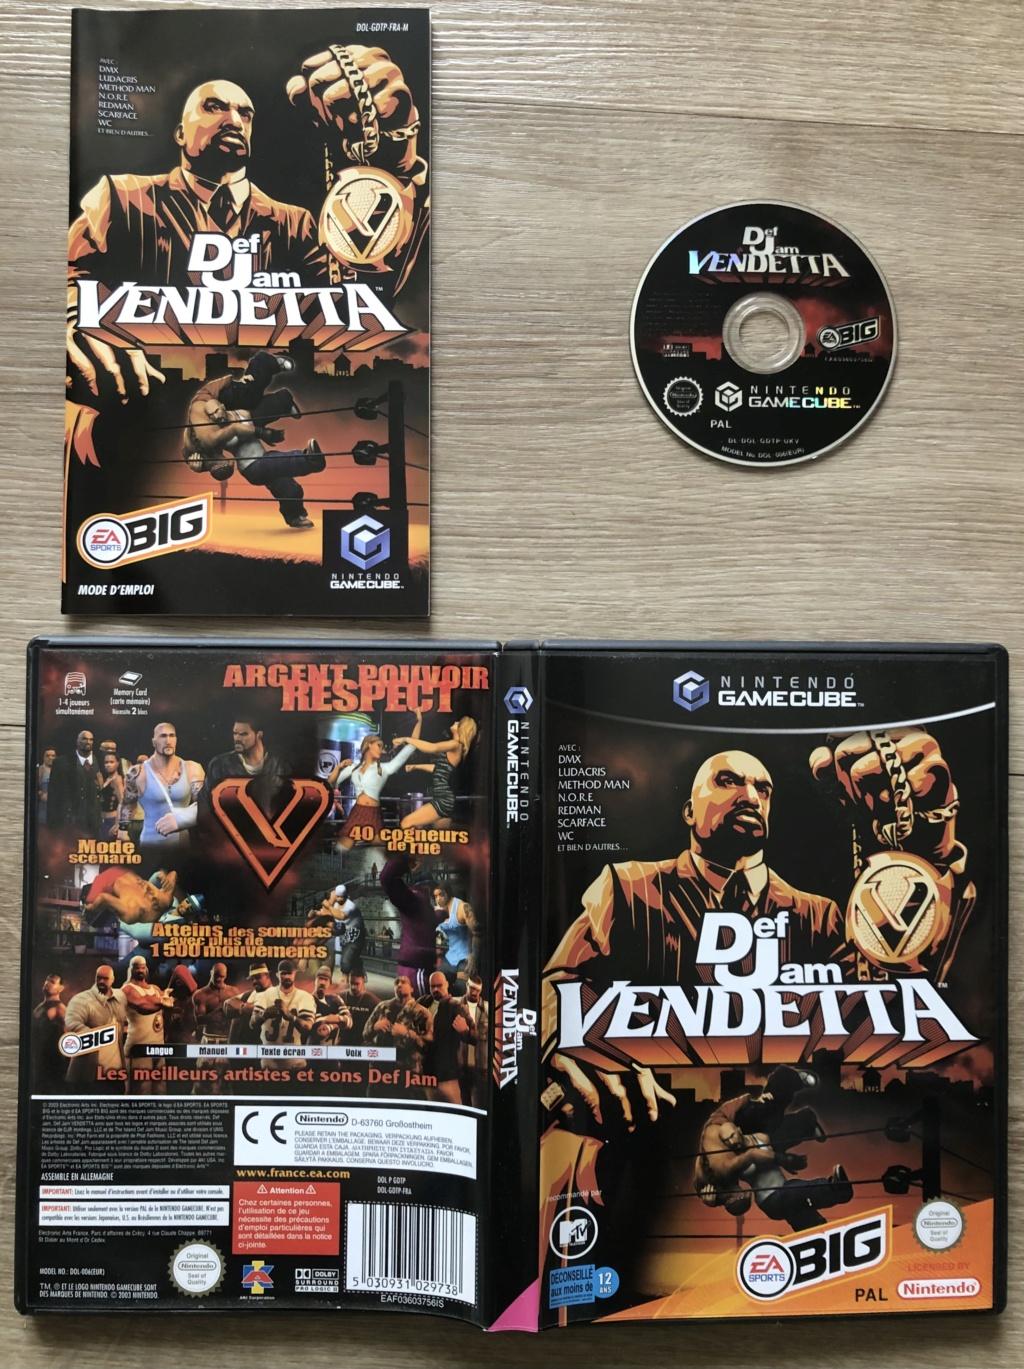 Dej Jam Vendetta 48ded110